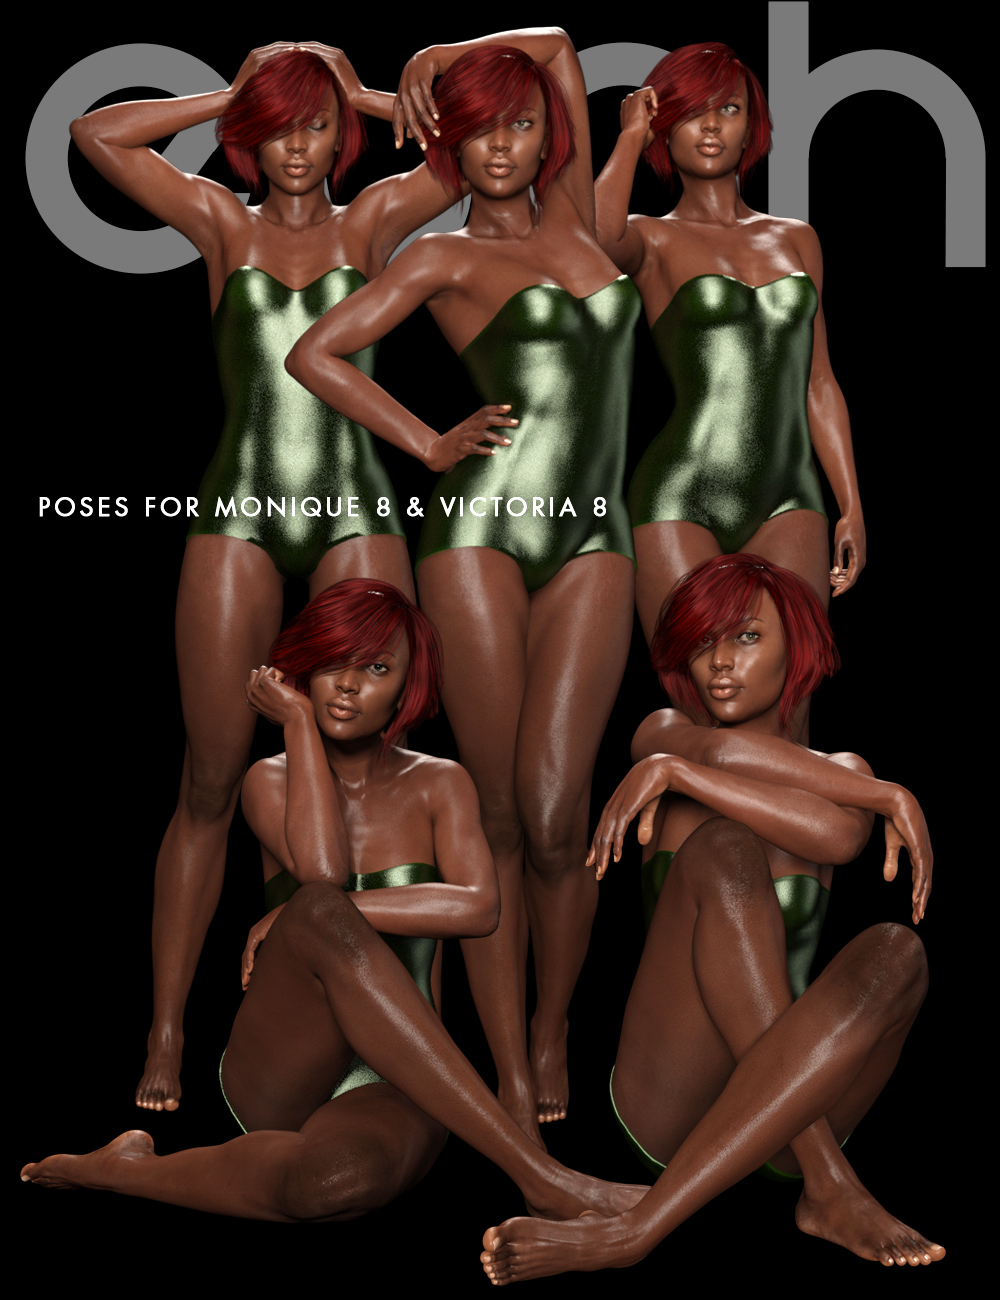 Shimuzu's Evah Poses for Monique 8 and Victoria 8 by: Shimuzu, 3D Models by Daz 3D